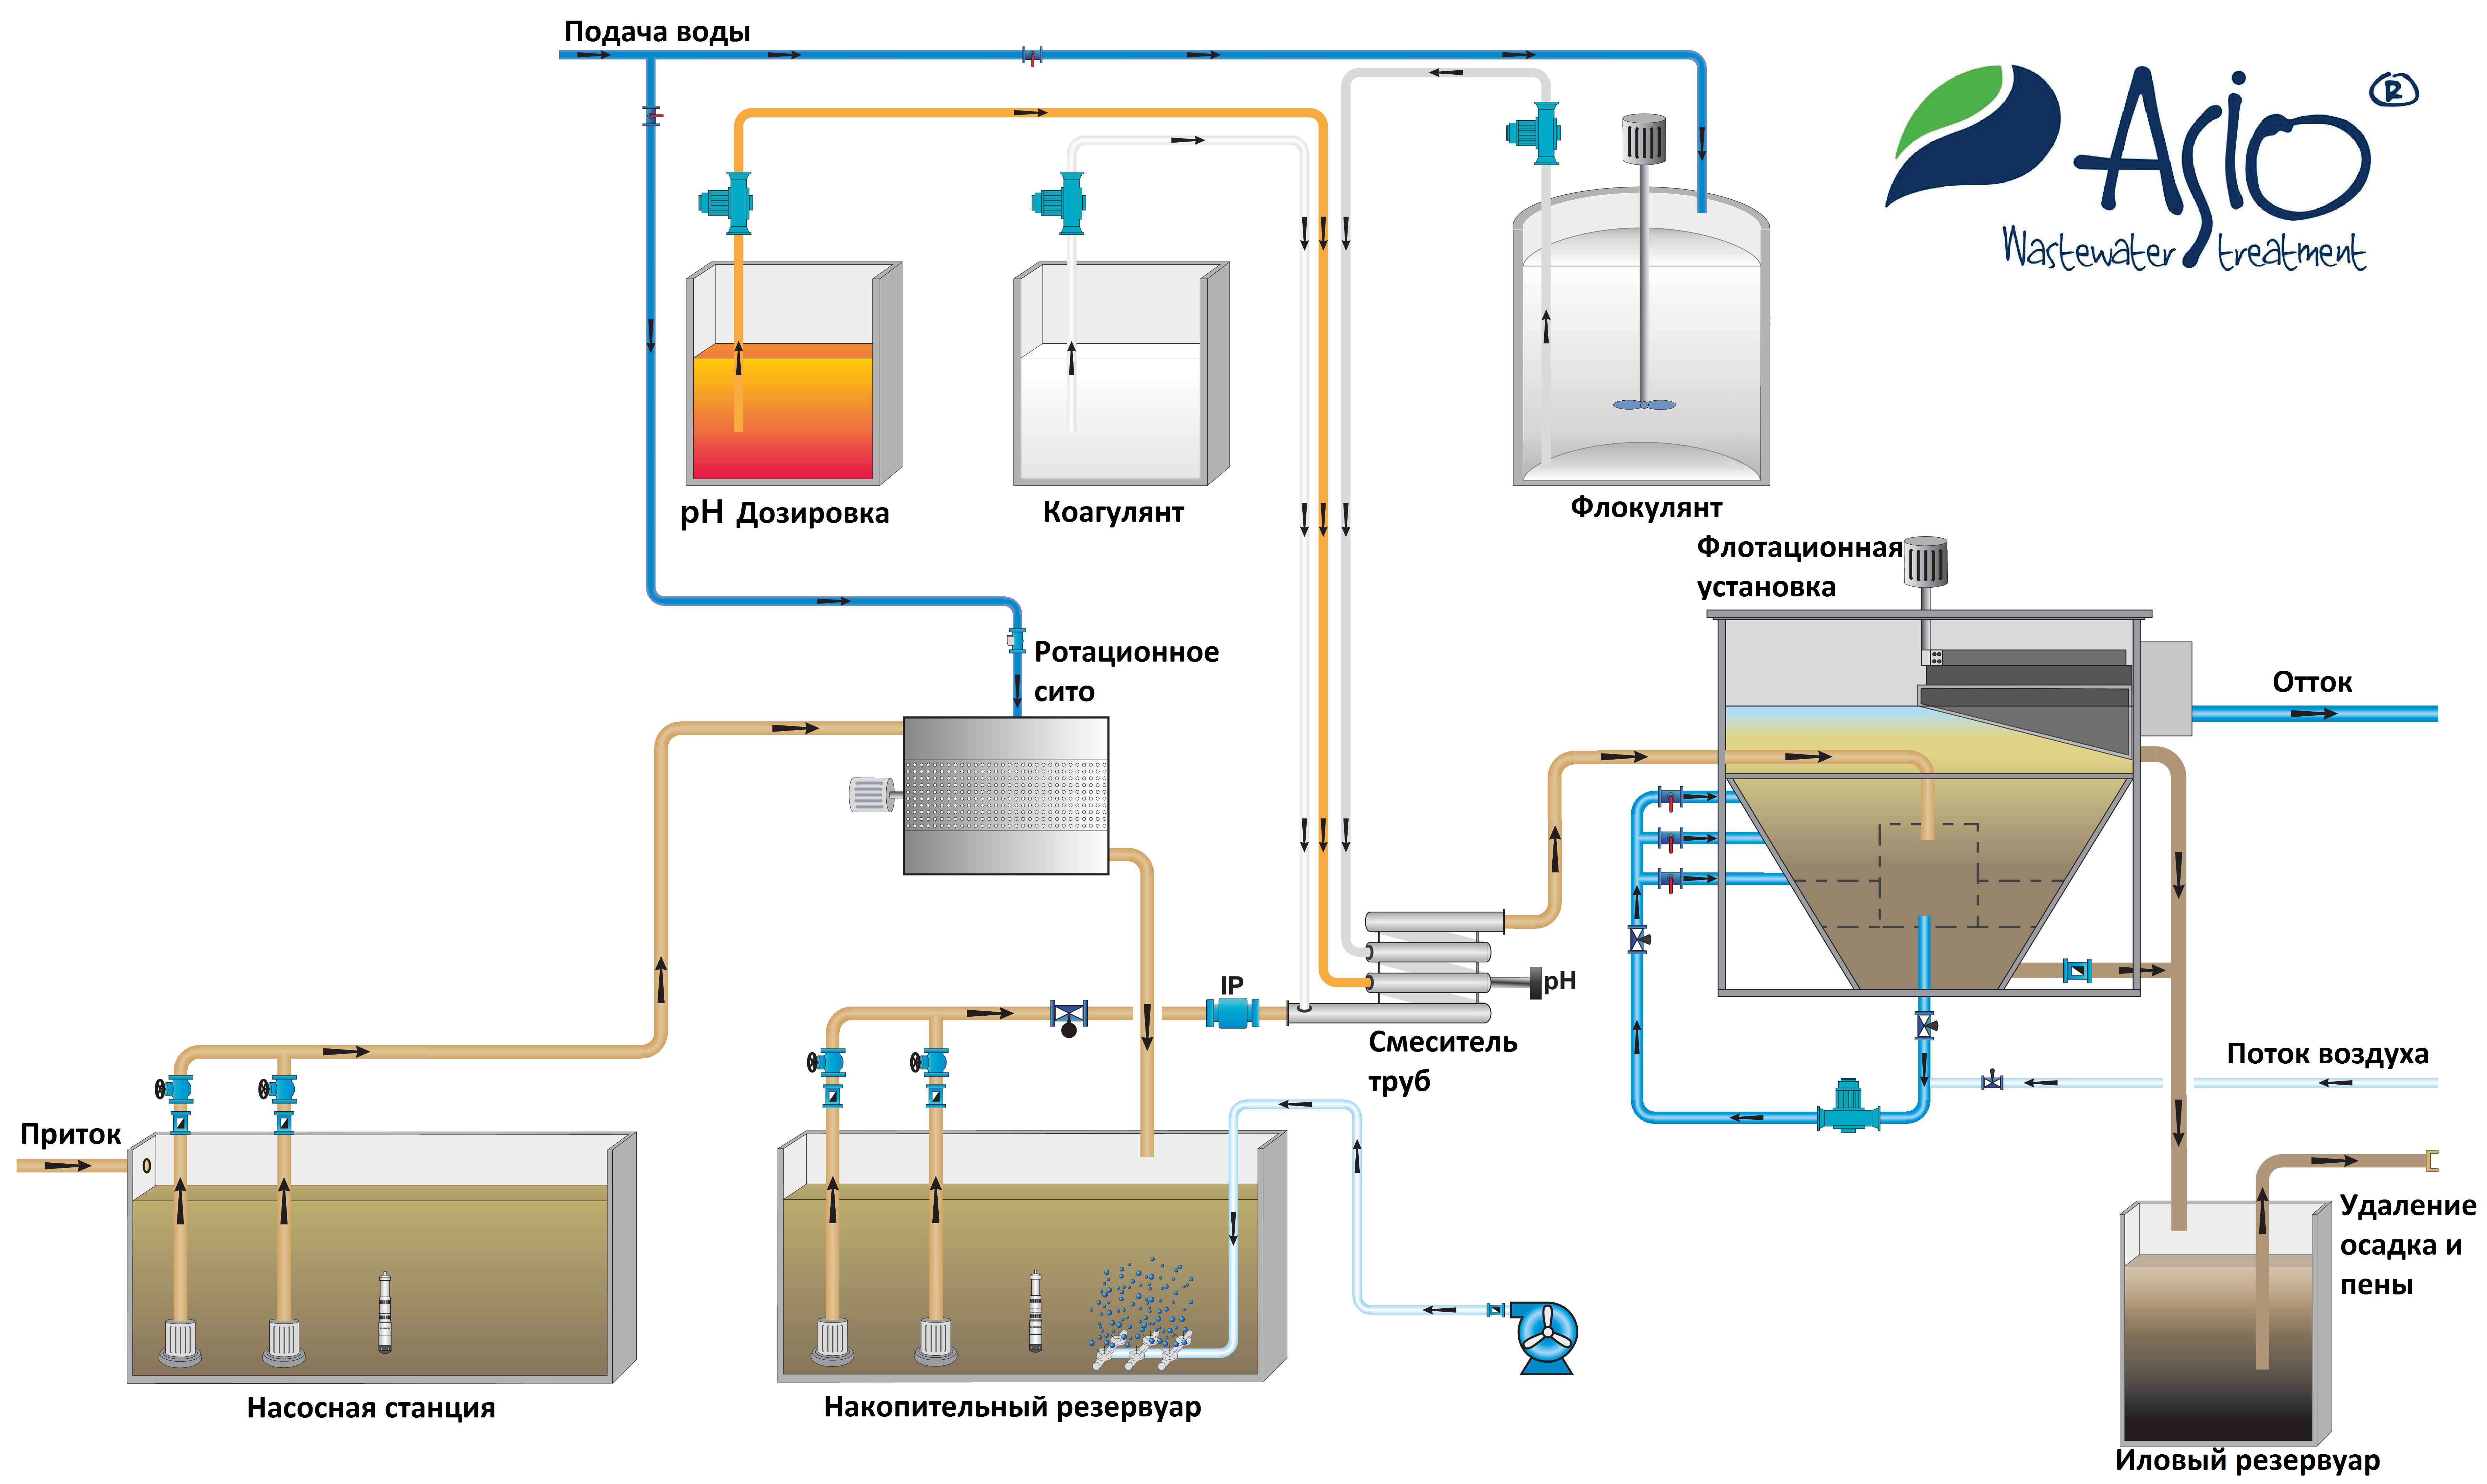 Промышленные флотаторы для очистки сточных вод: типы, устройство, принцип работы